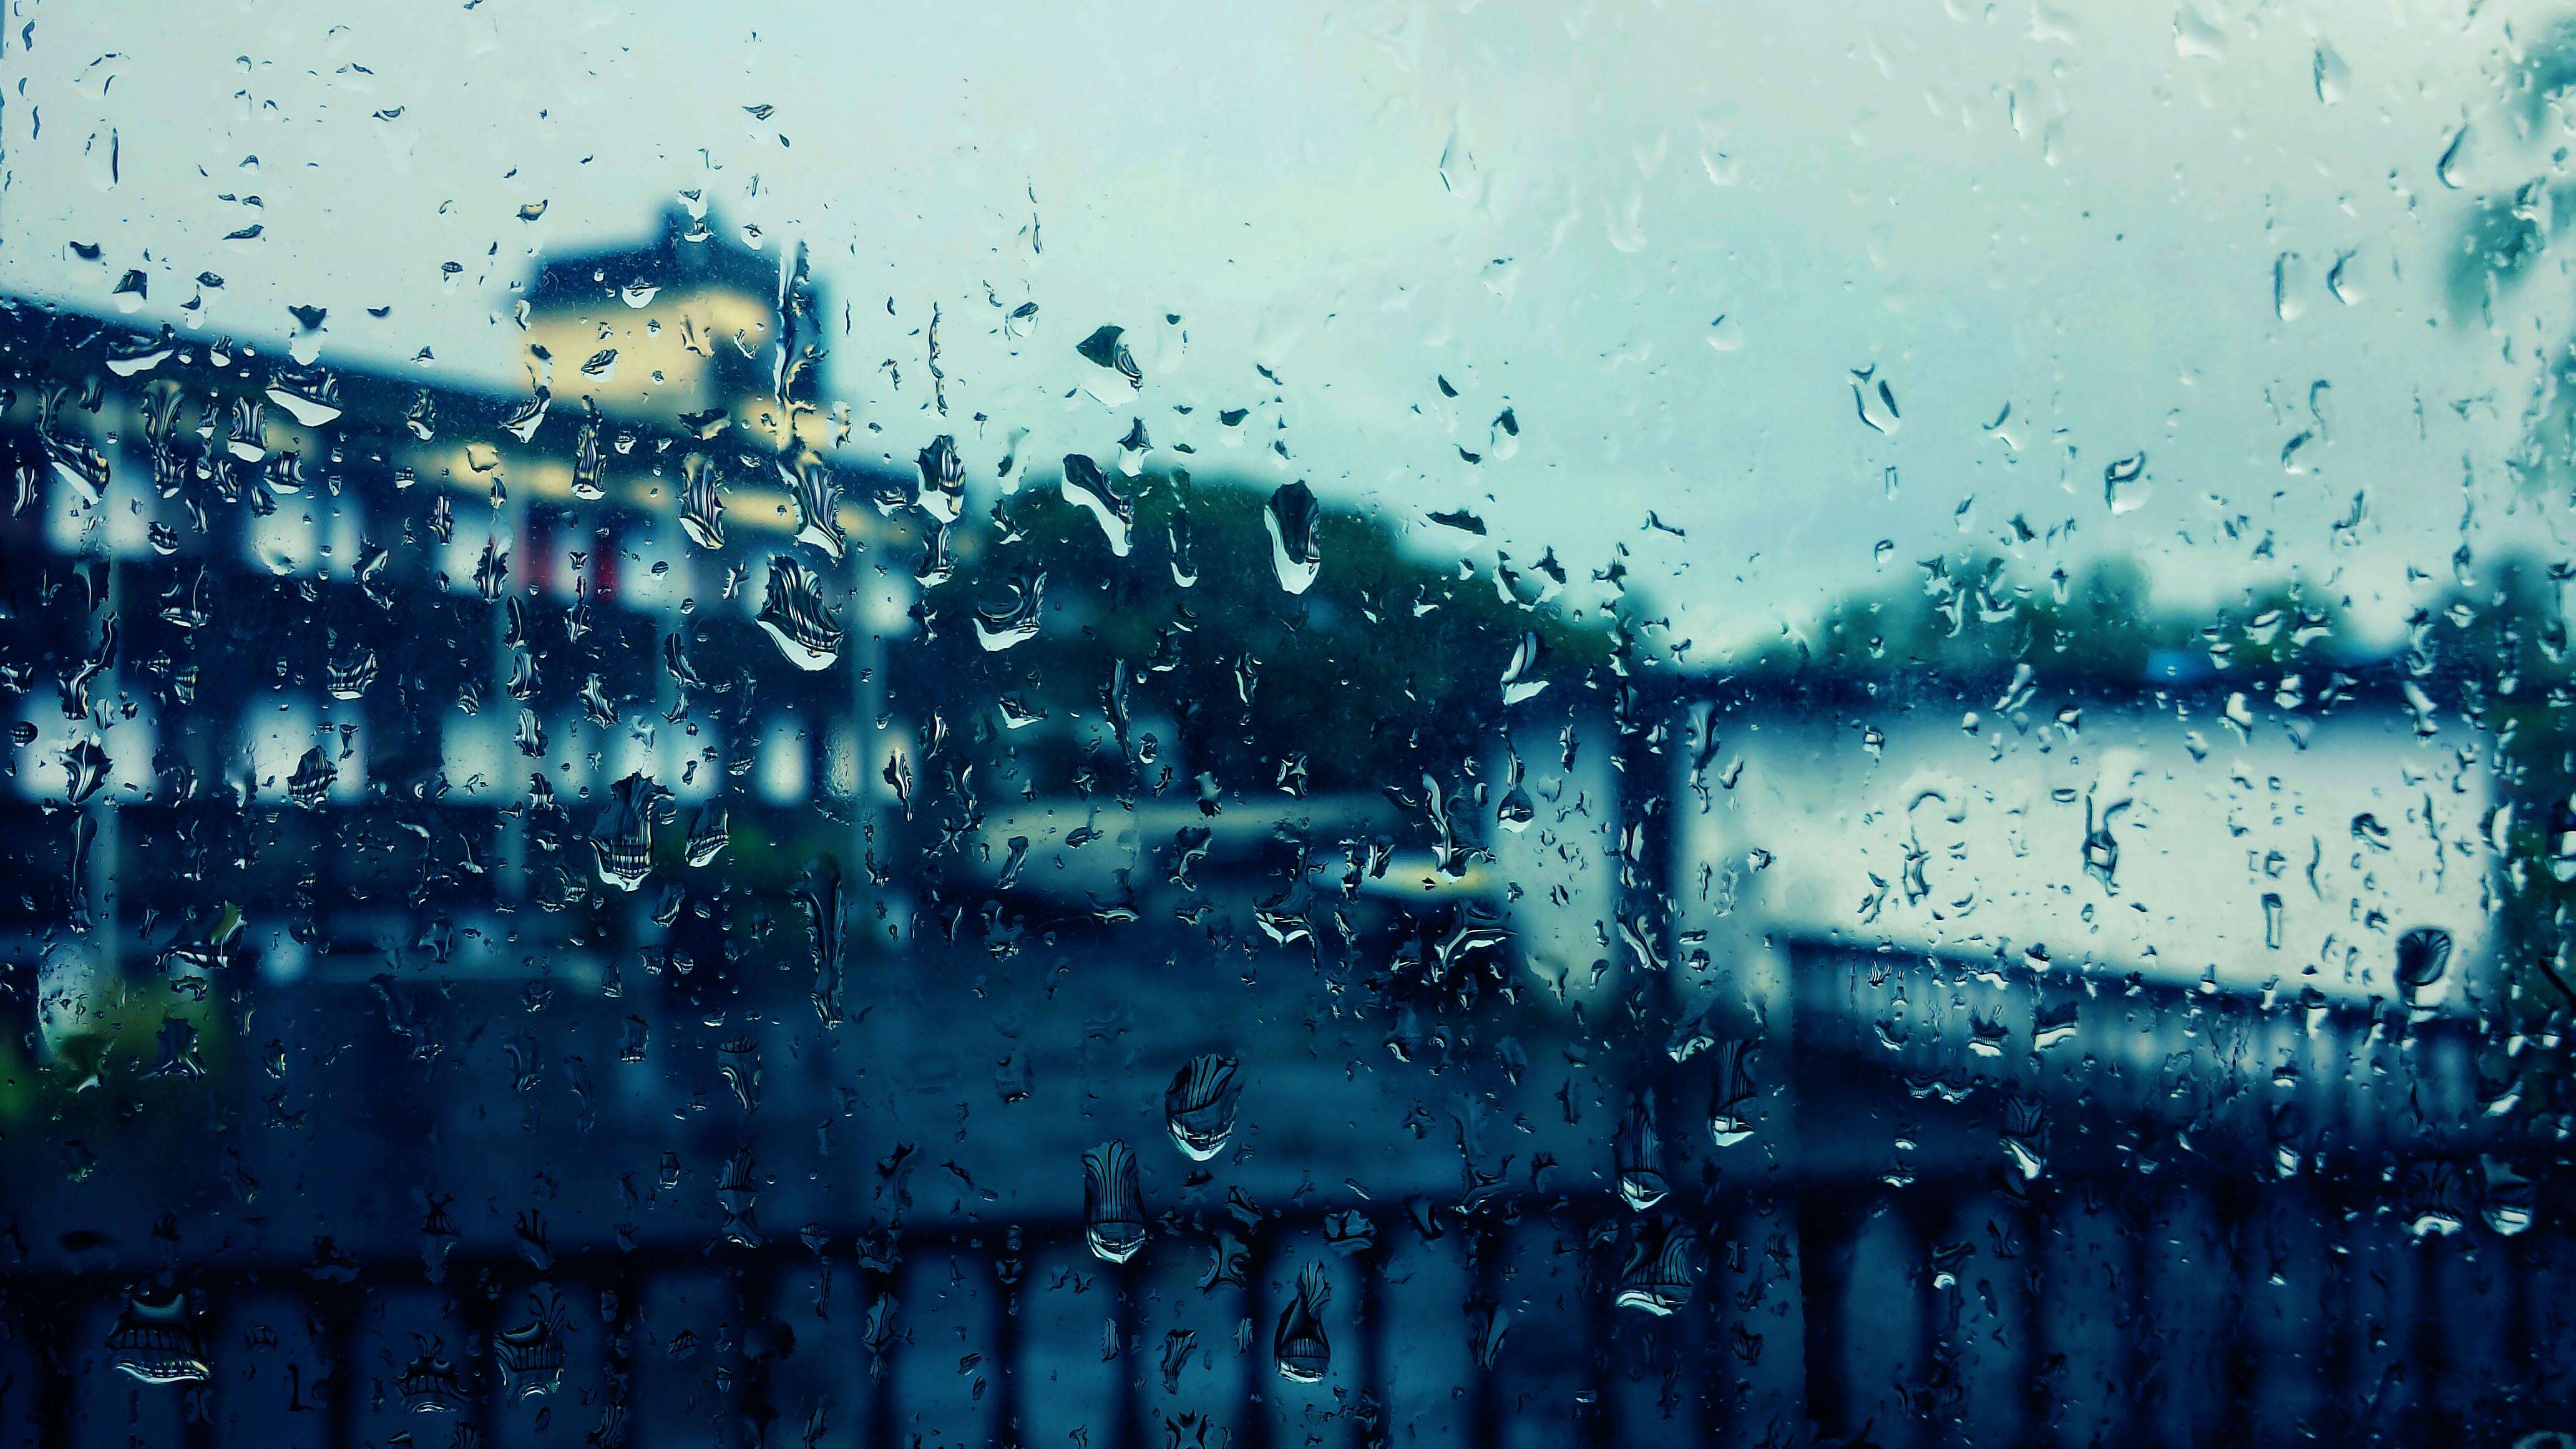 Картинки дождя для ютуба